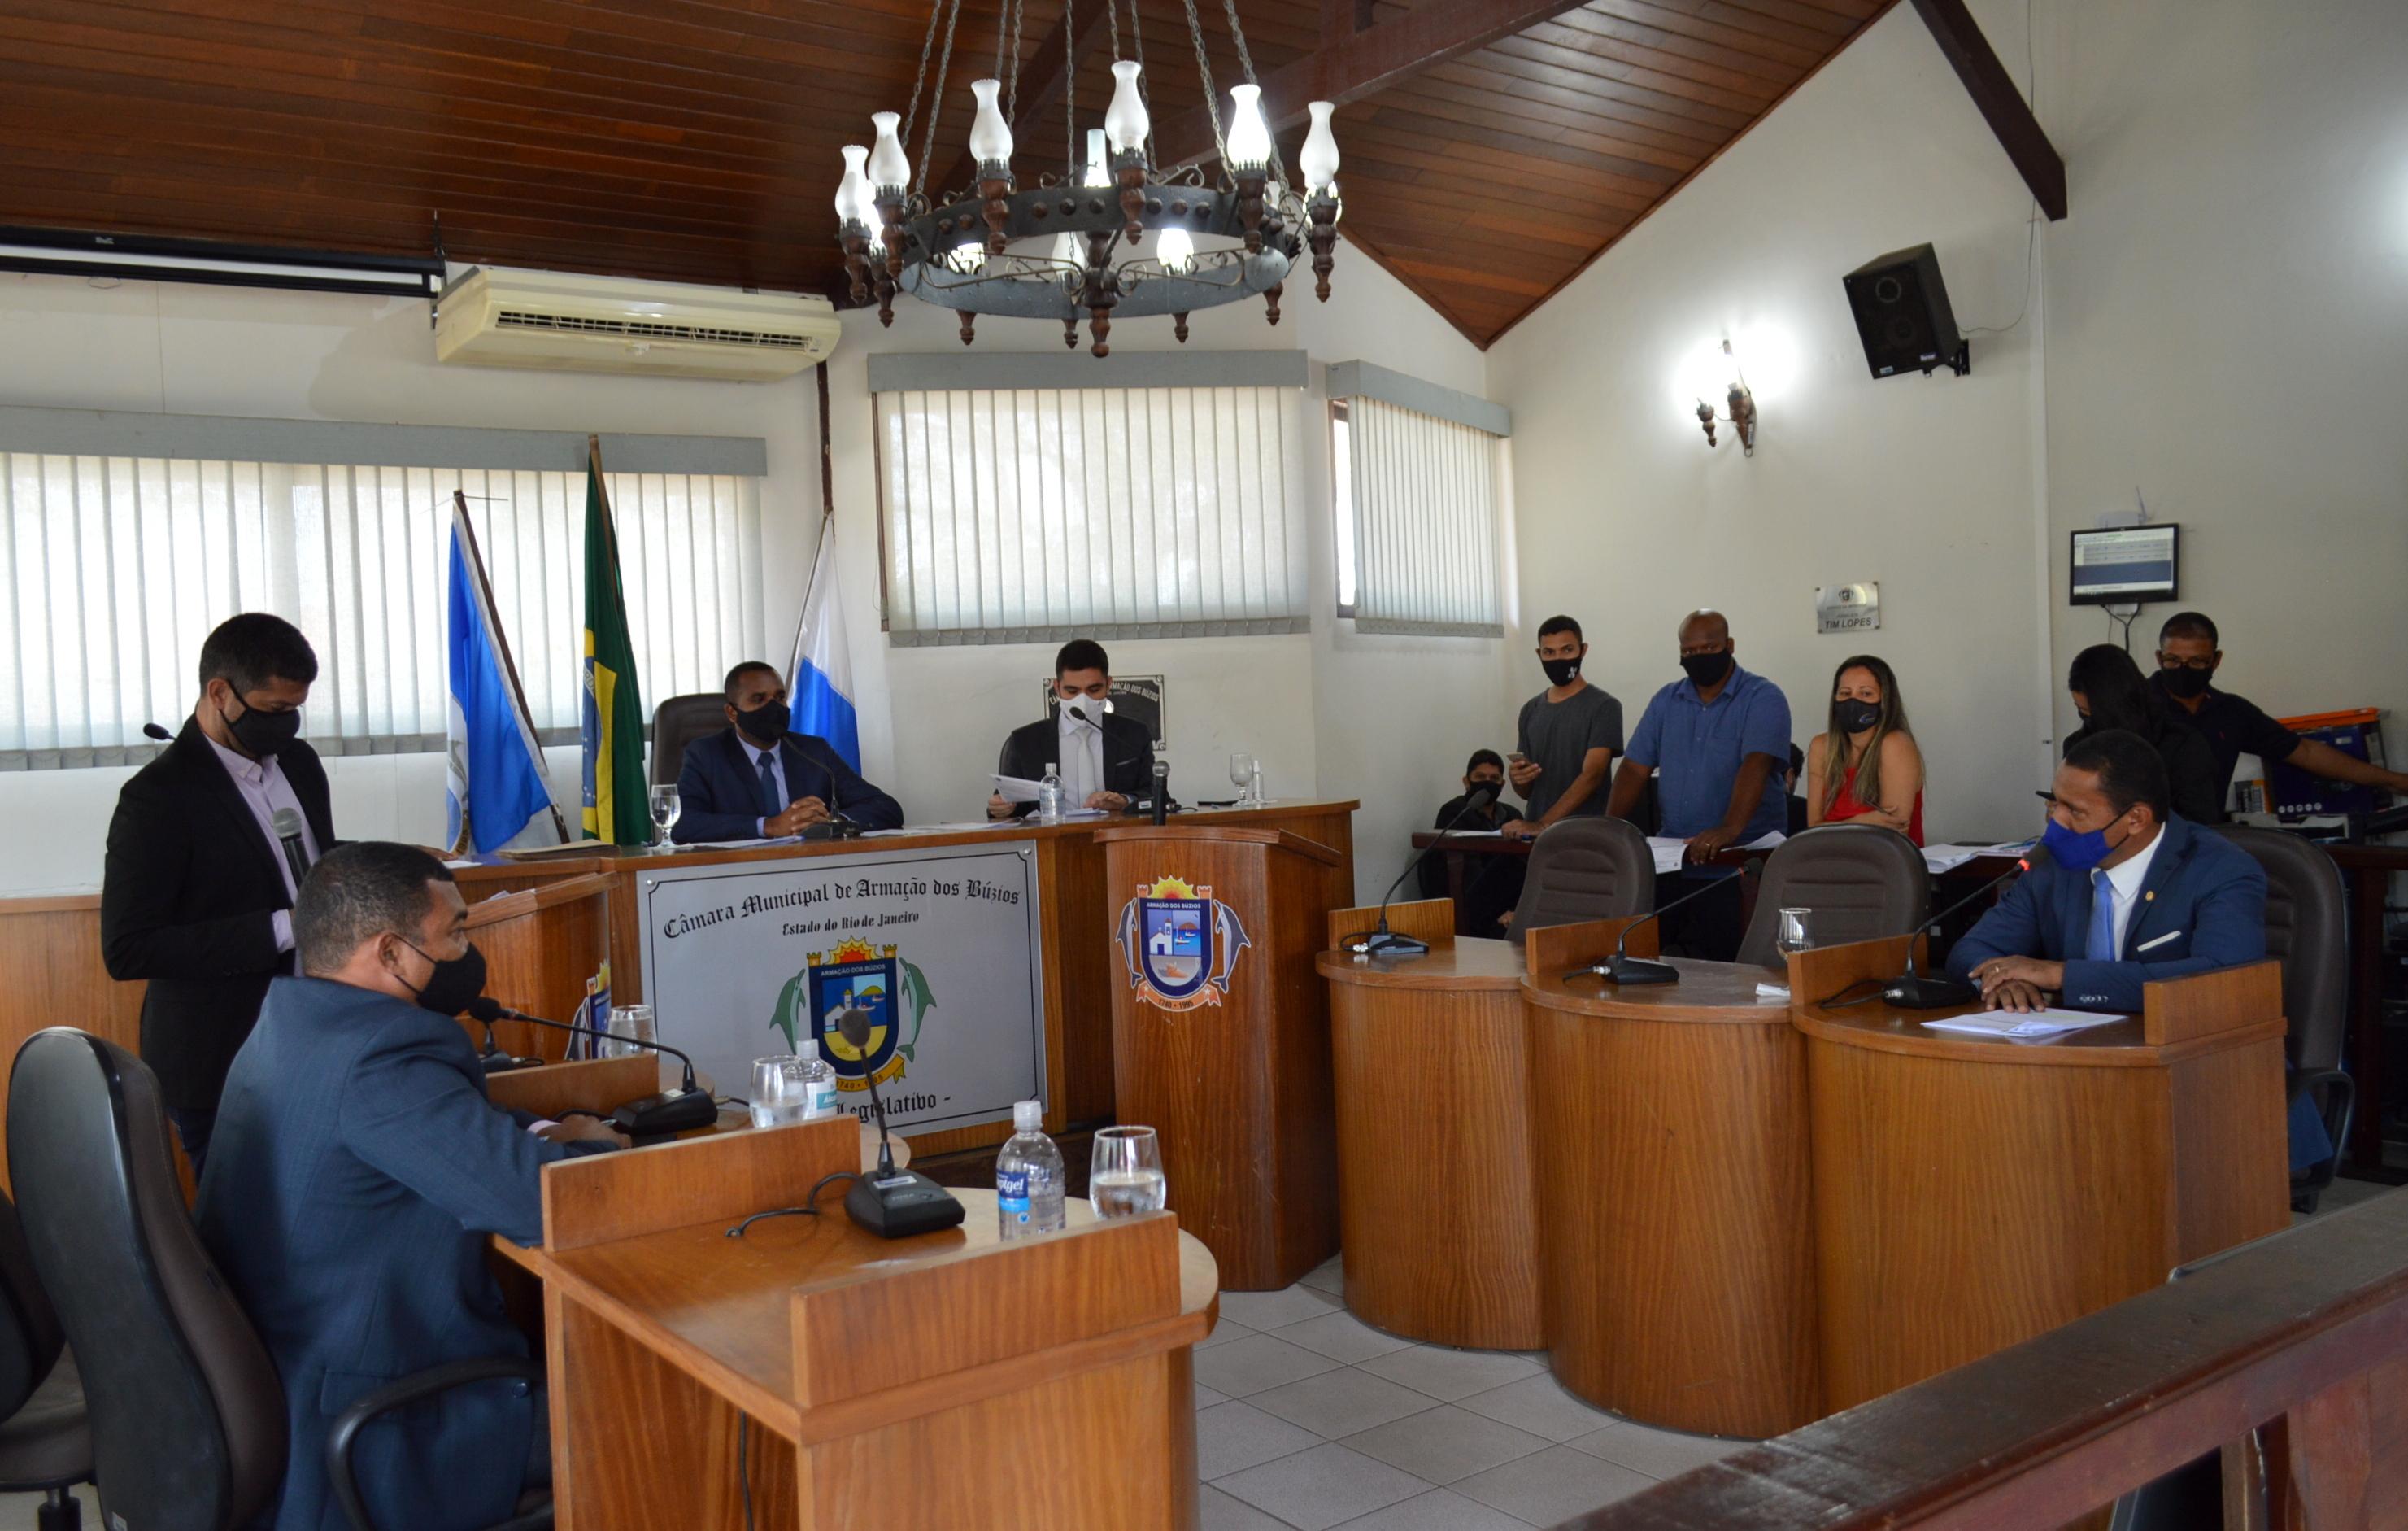 Nomeação e Exoneração de Servidores do Legislativo Poderá Ser Competência da Mesa Diretora